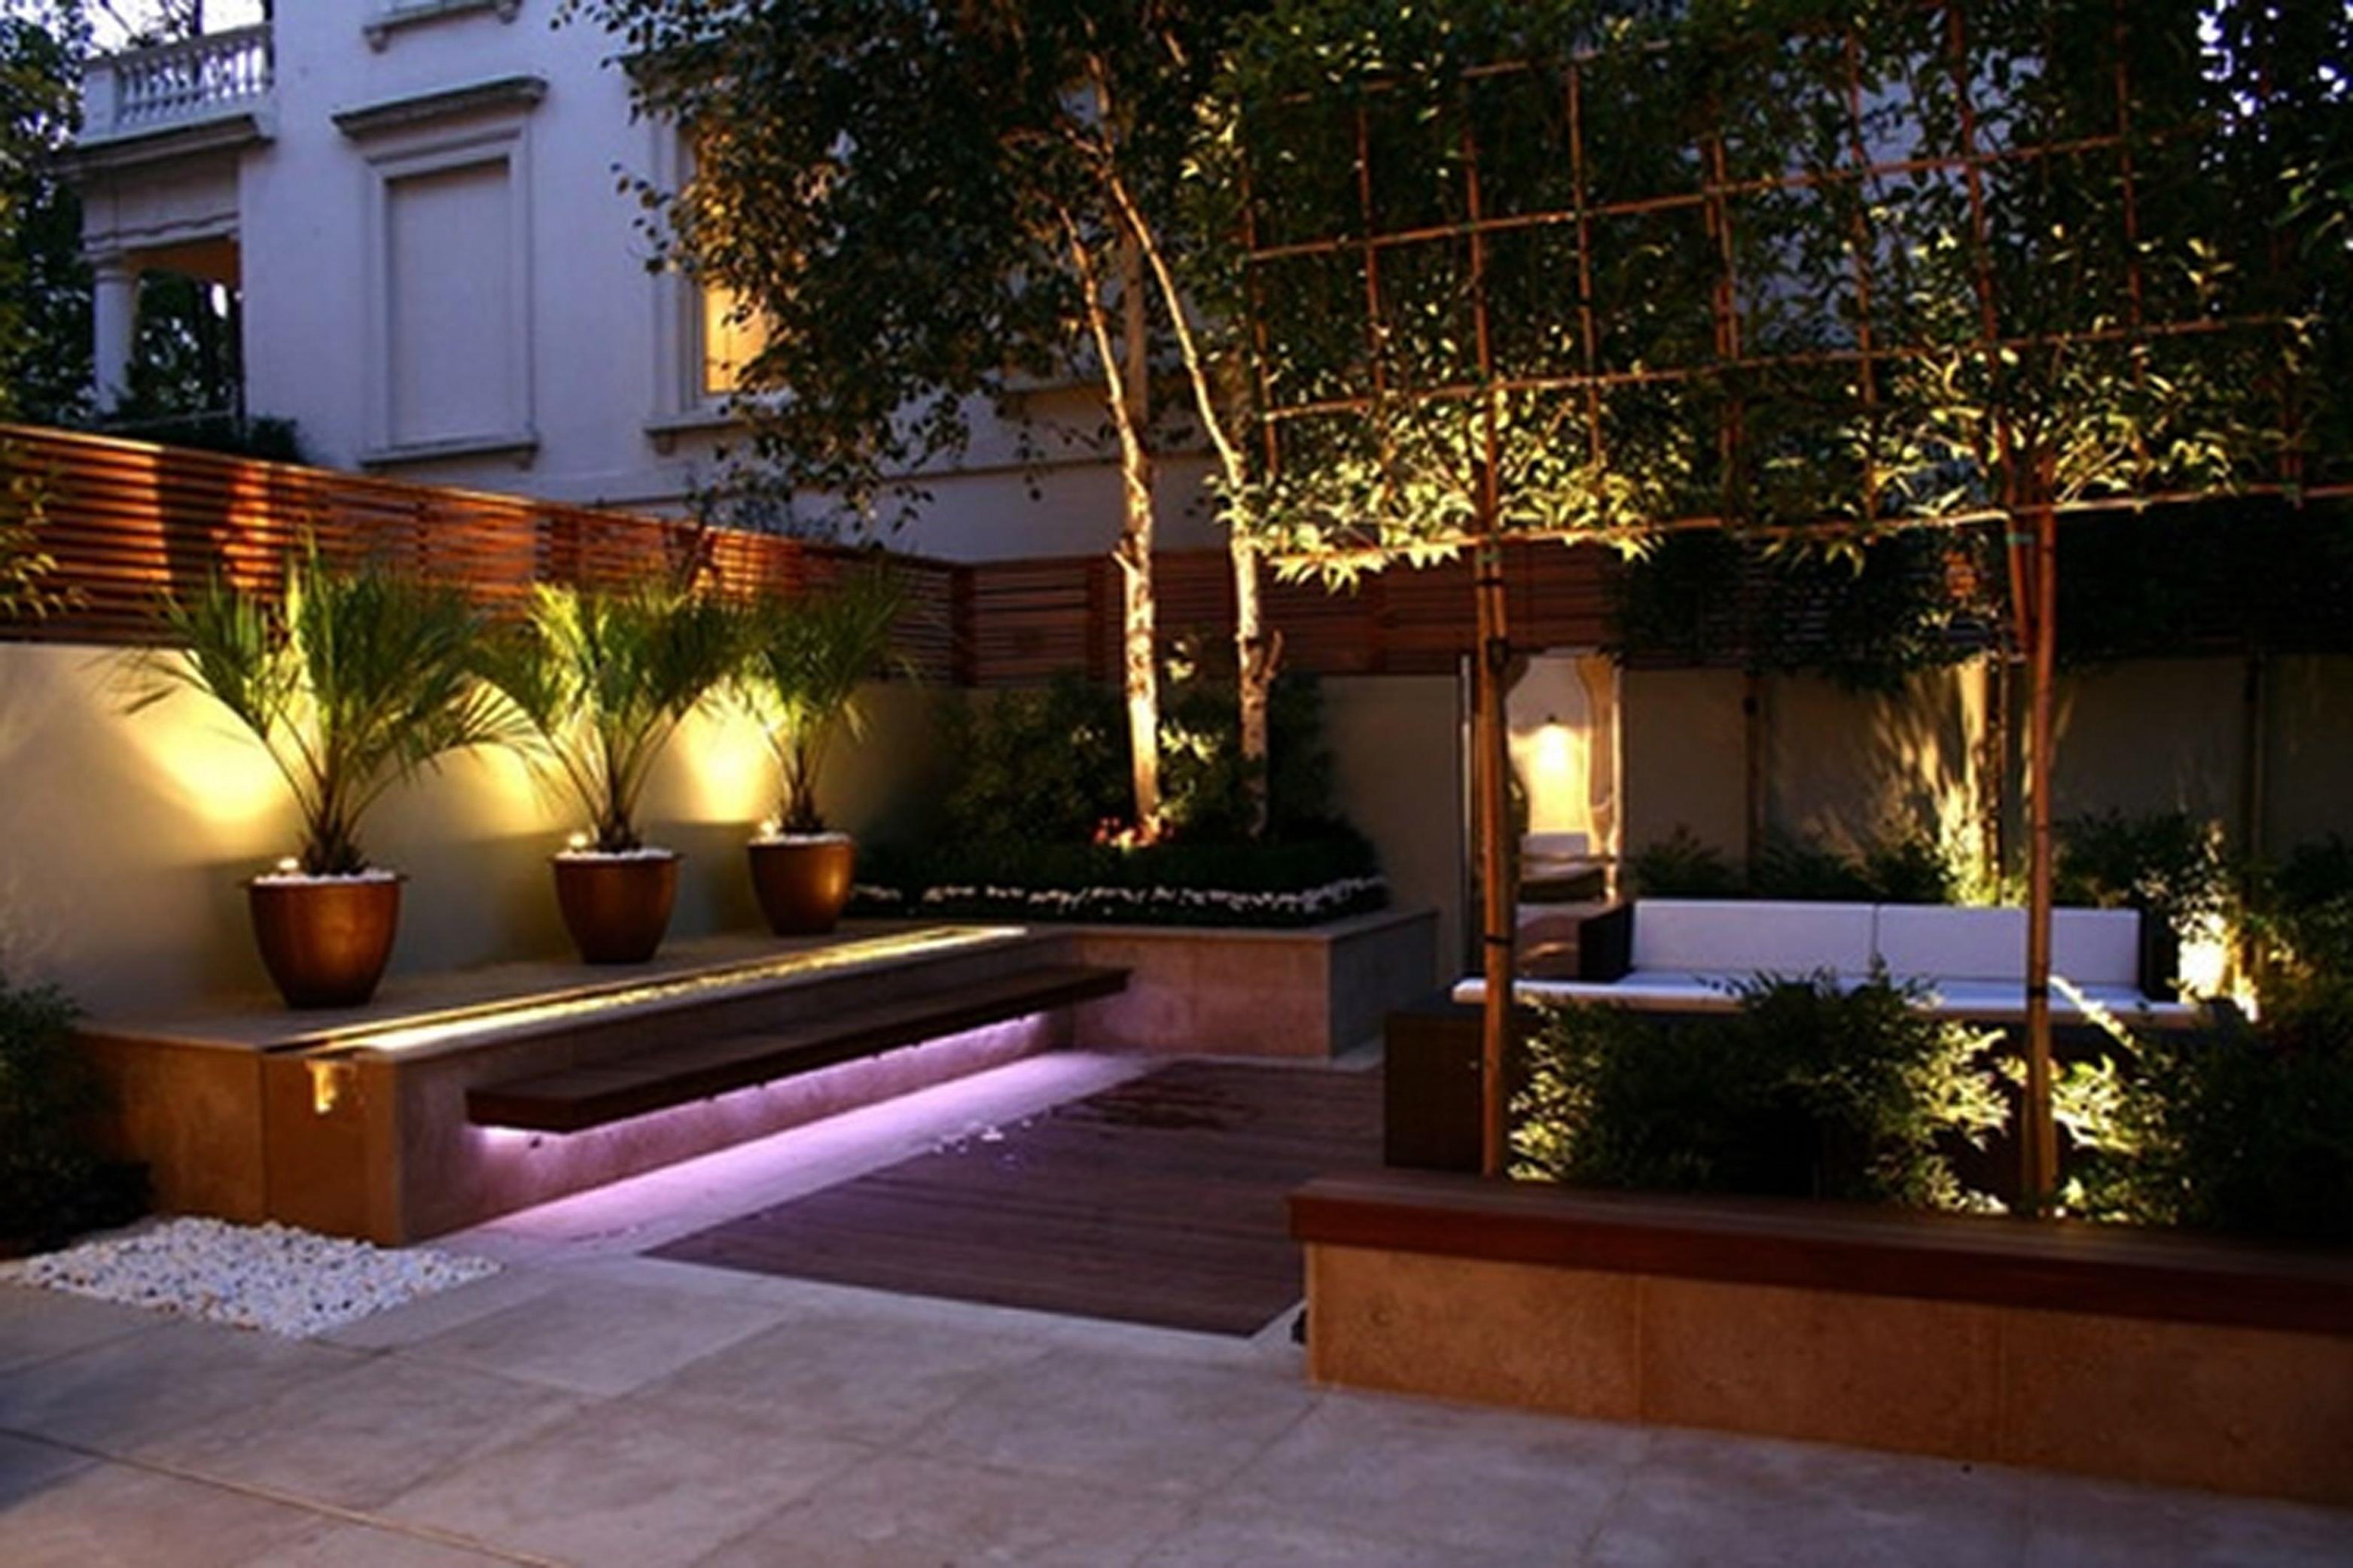 Une idée de déco le jardin avec des lumières